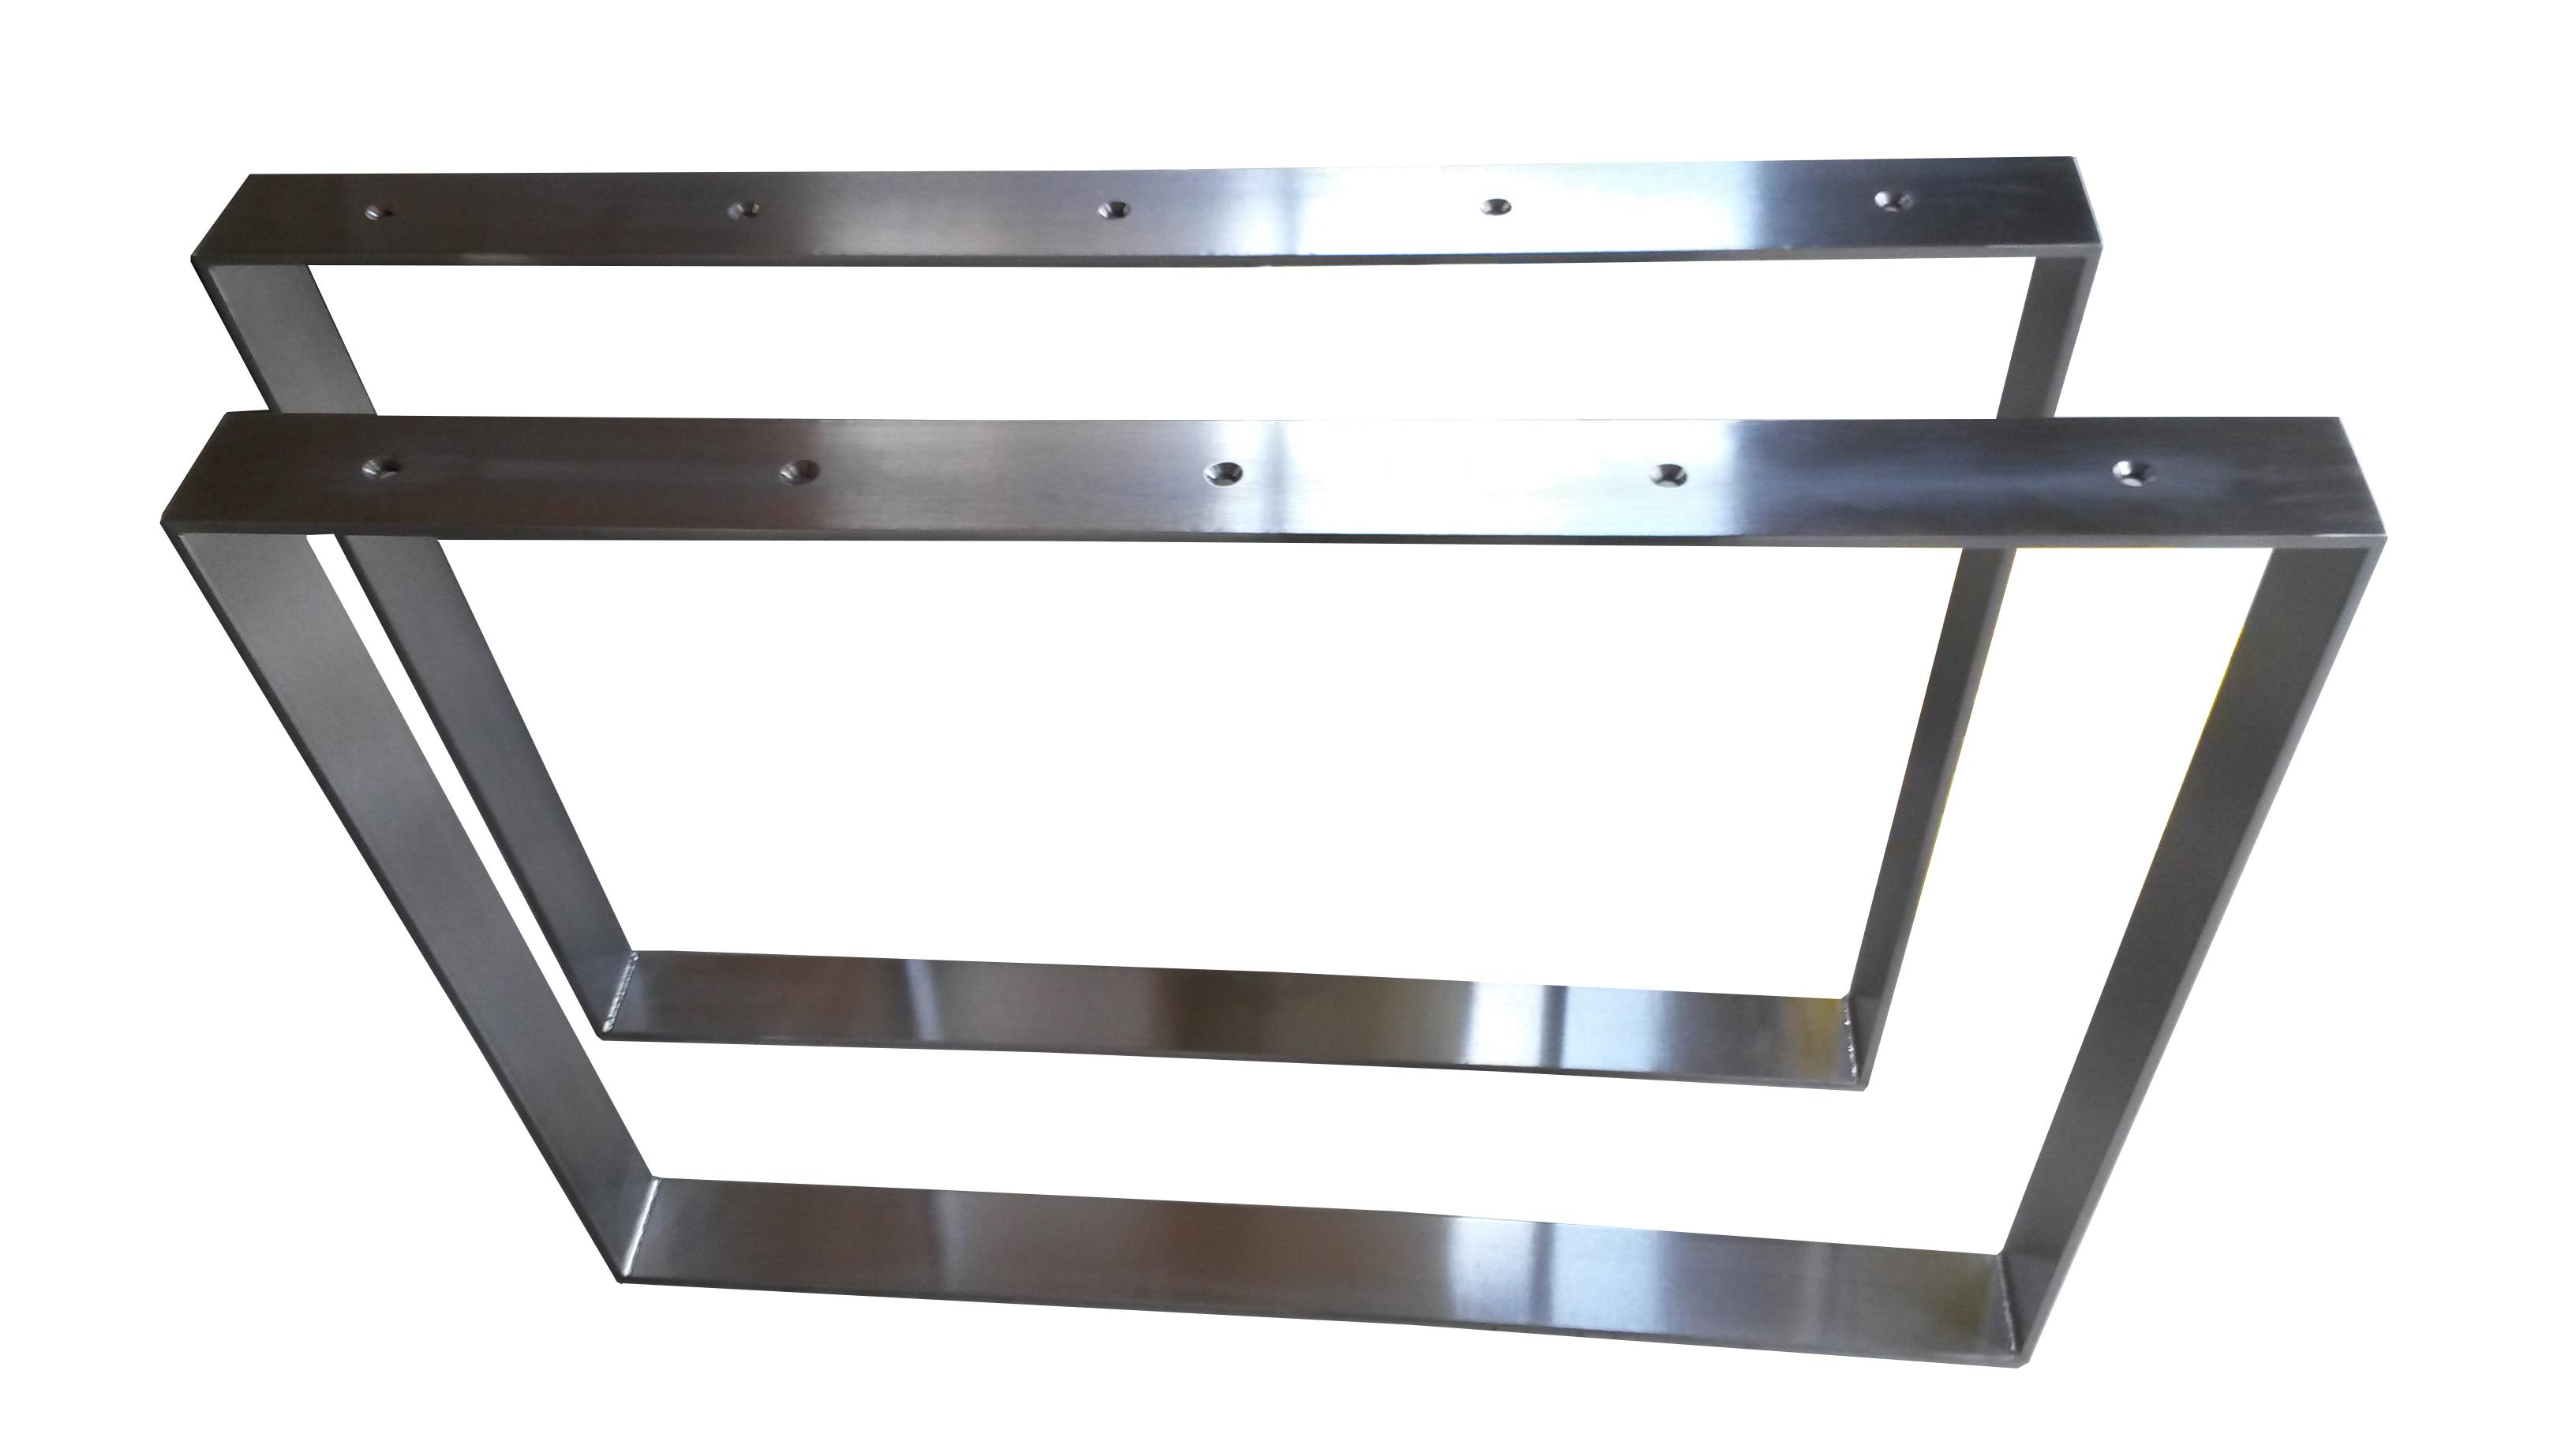 Edelstahl Tischbeine ~ 2 Set Design Tischkufen Tischbeine Edelstahl Tischfüße Tischgestell Höhe 720m